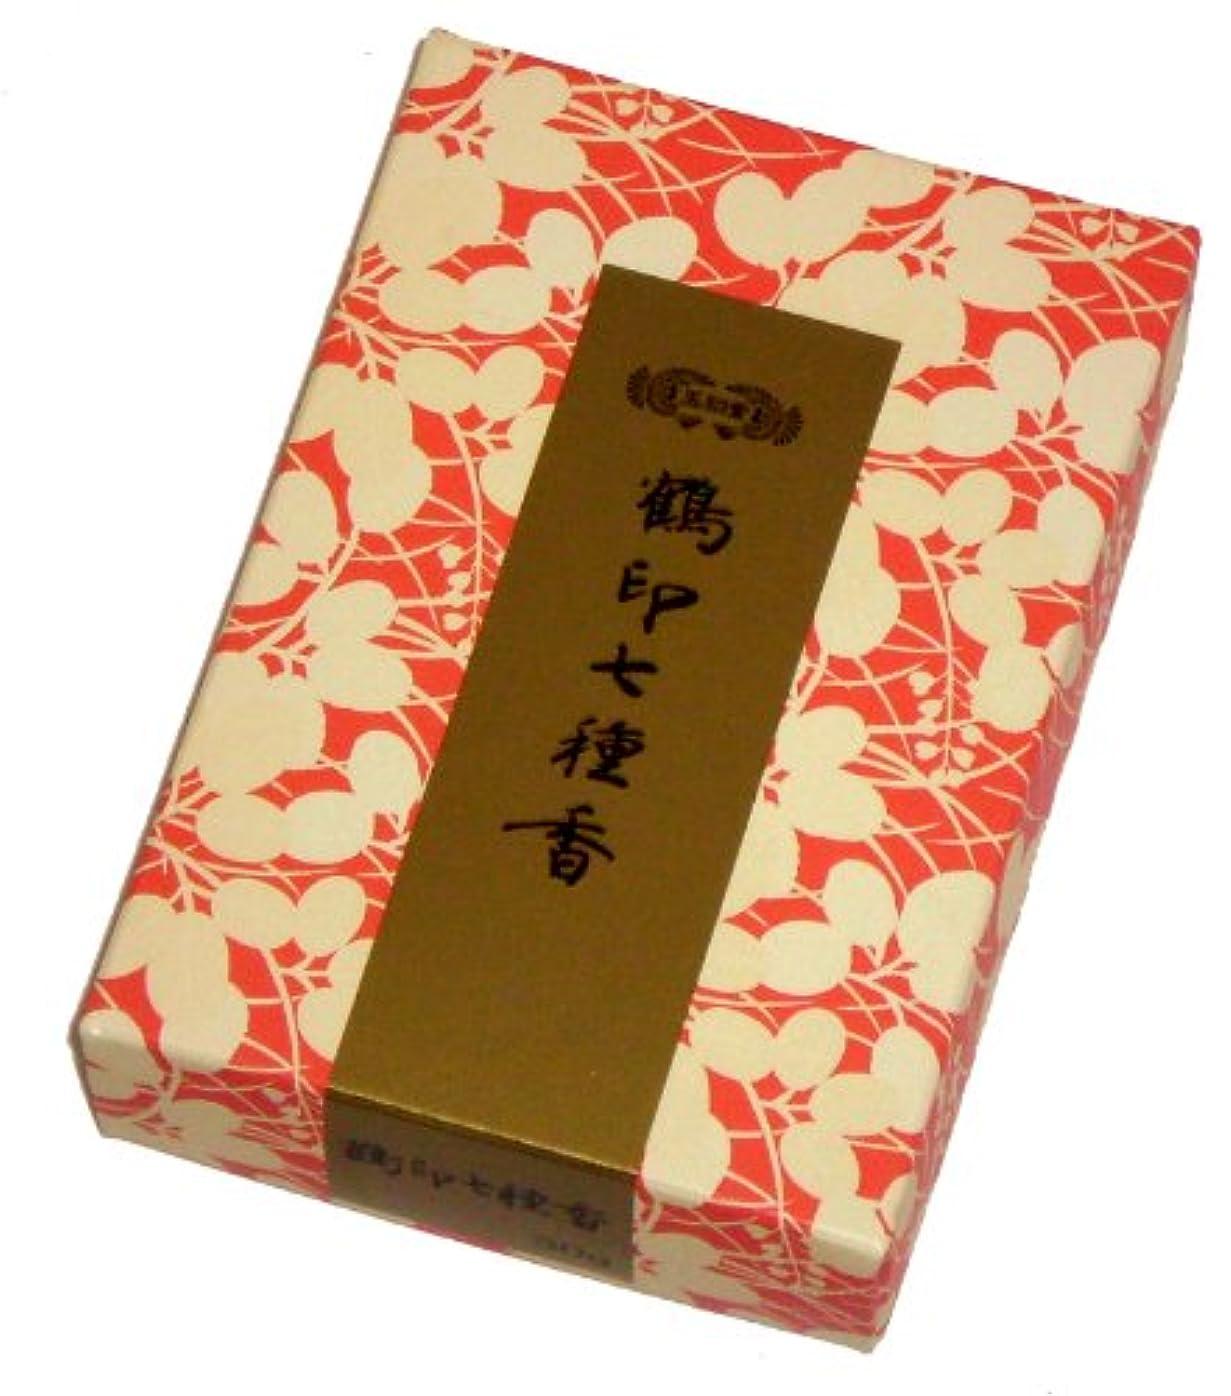 商業のお茶ロンドン玉初堂のお香 鶴印七種香 30g #675